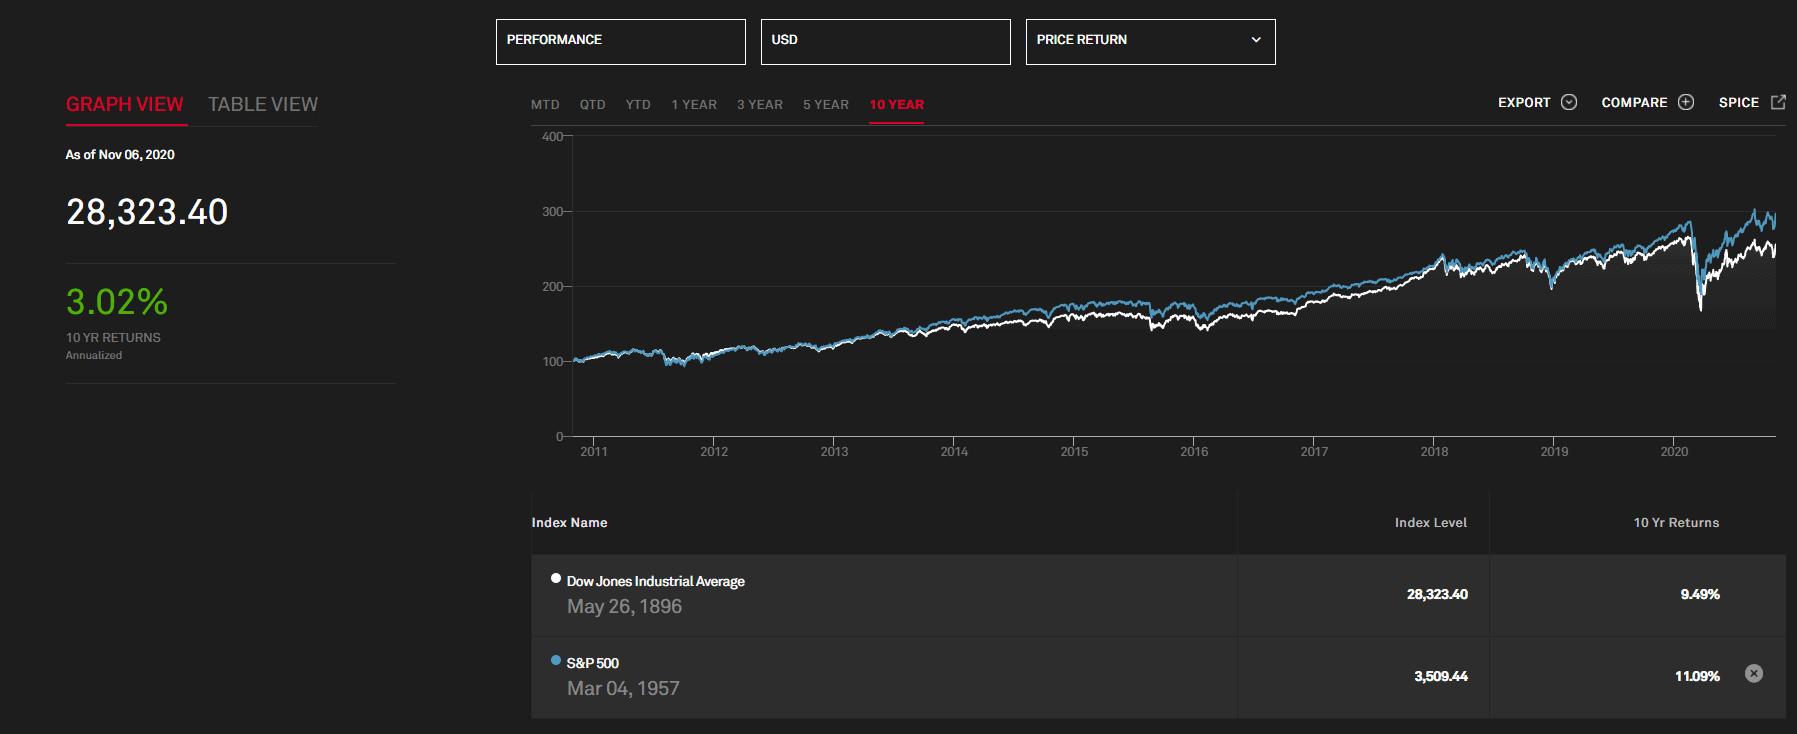 Index correlation